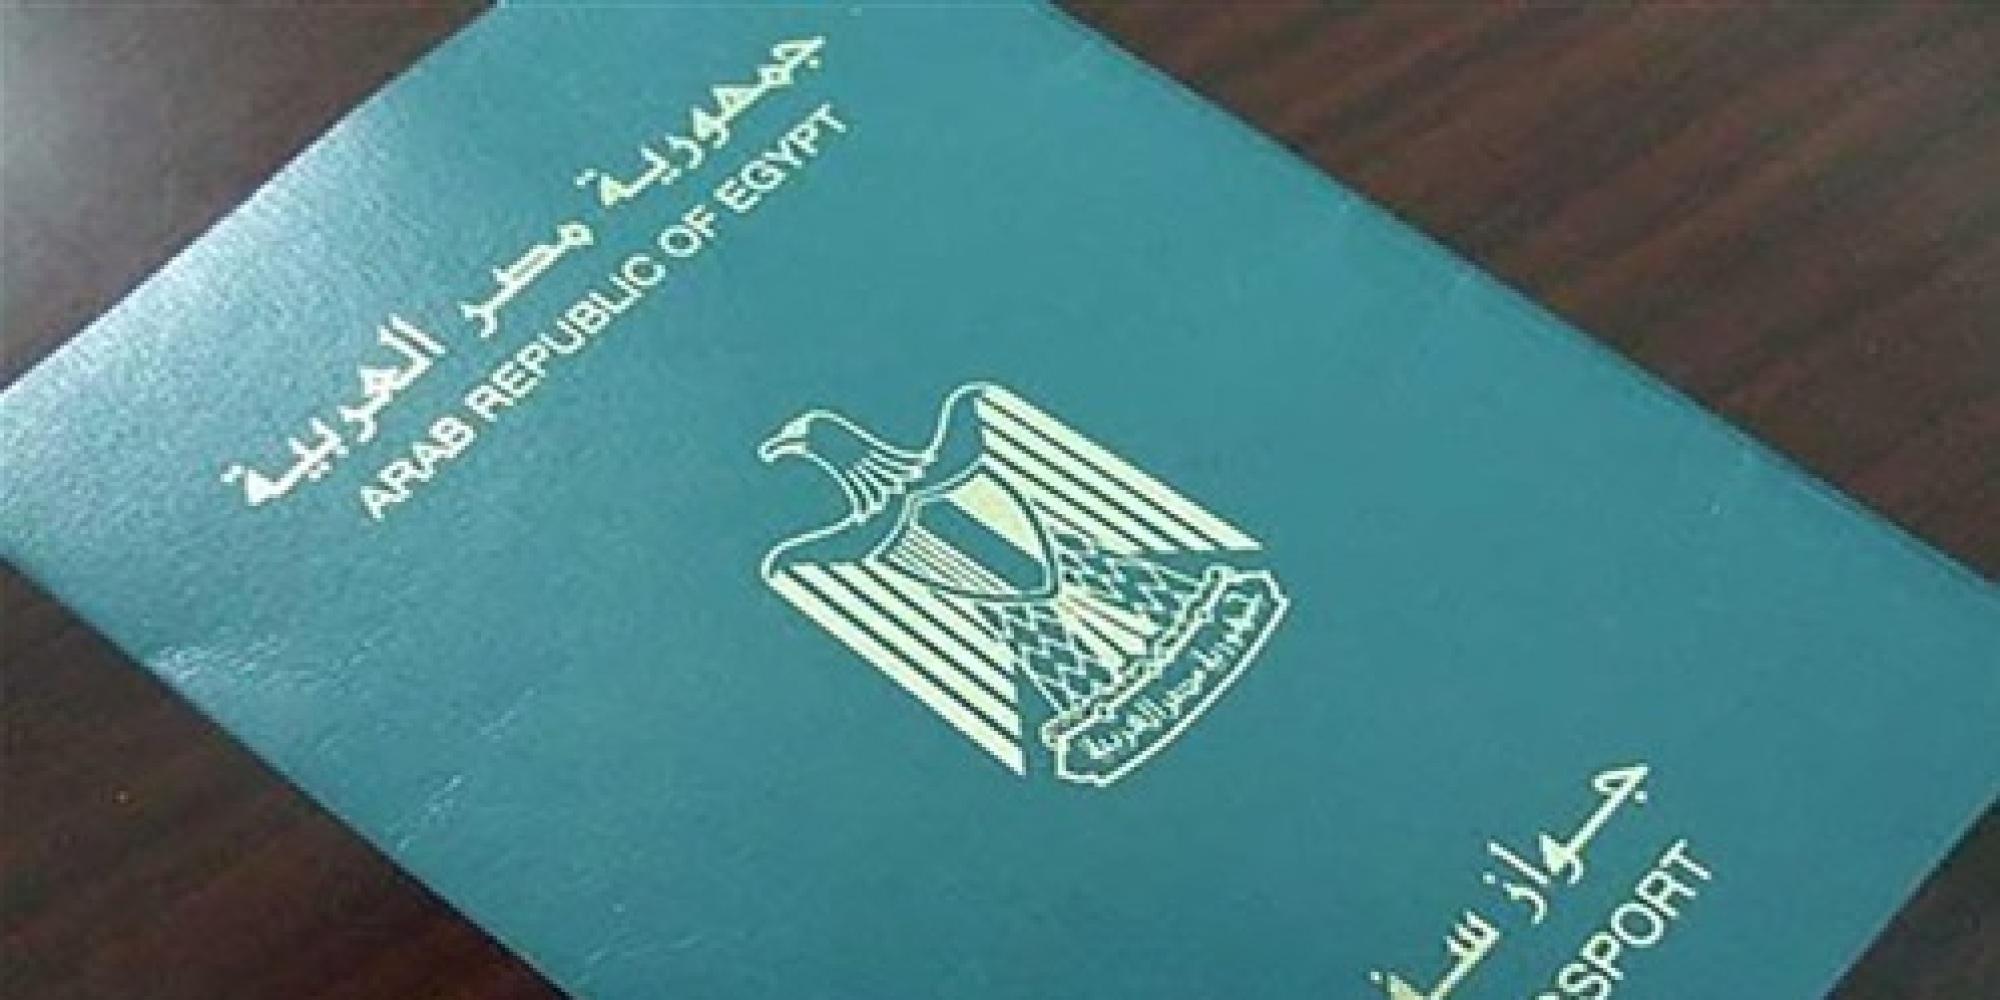 نتيجة بحث الصور عن إسقاط الجنسية المصرية